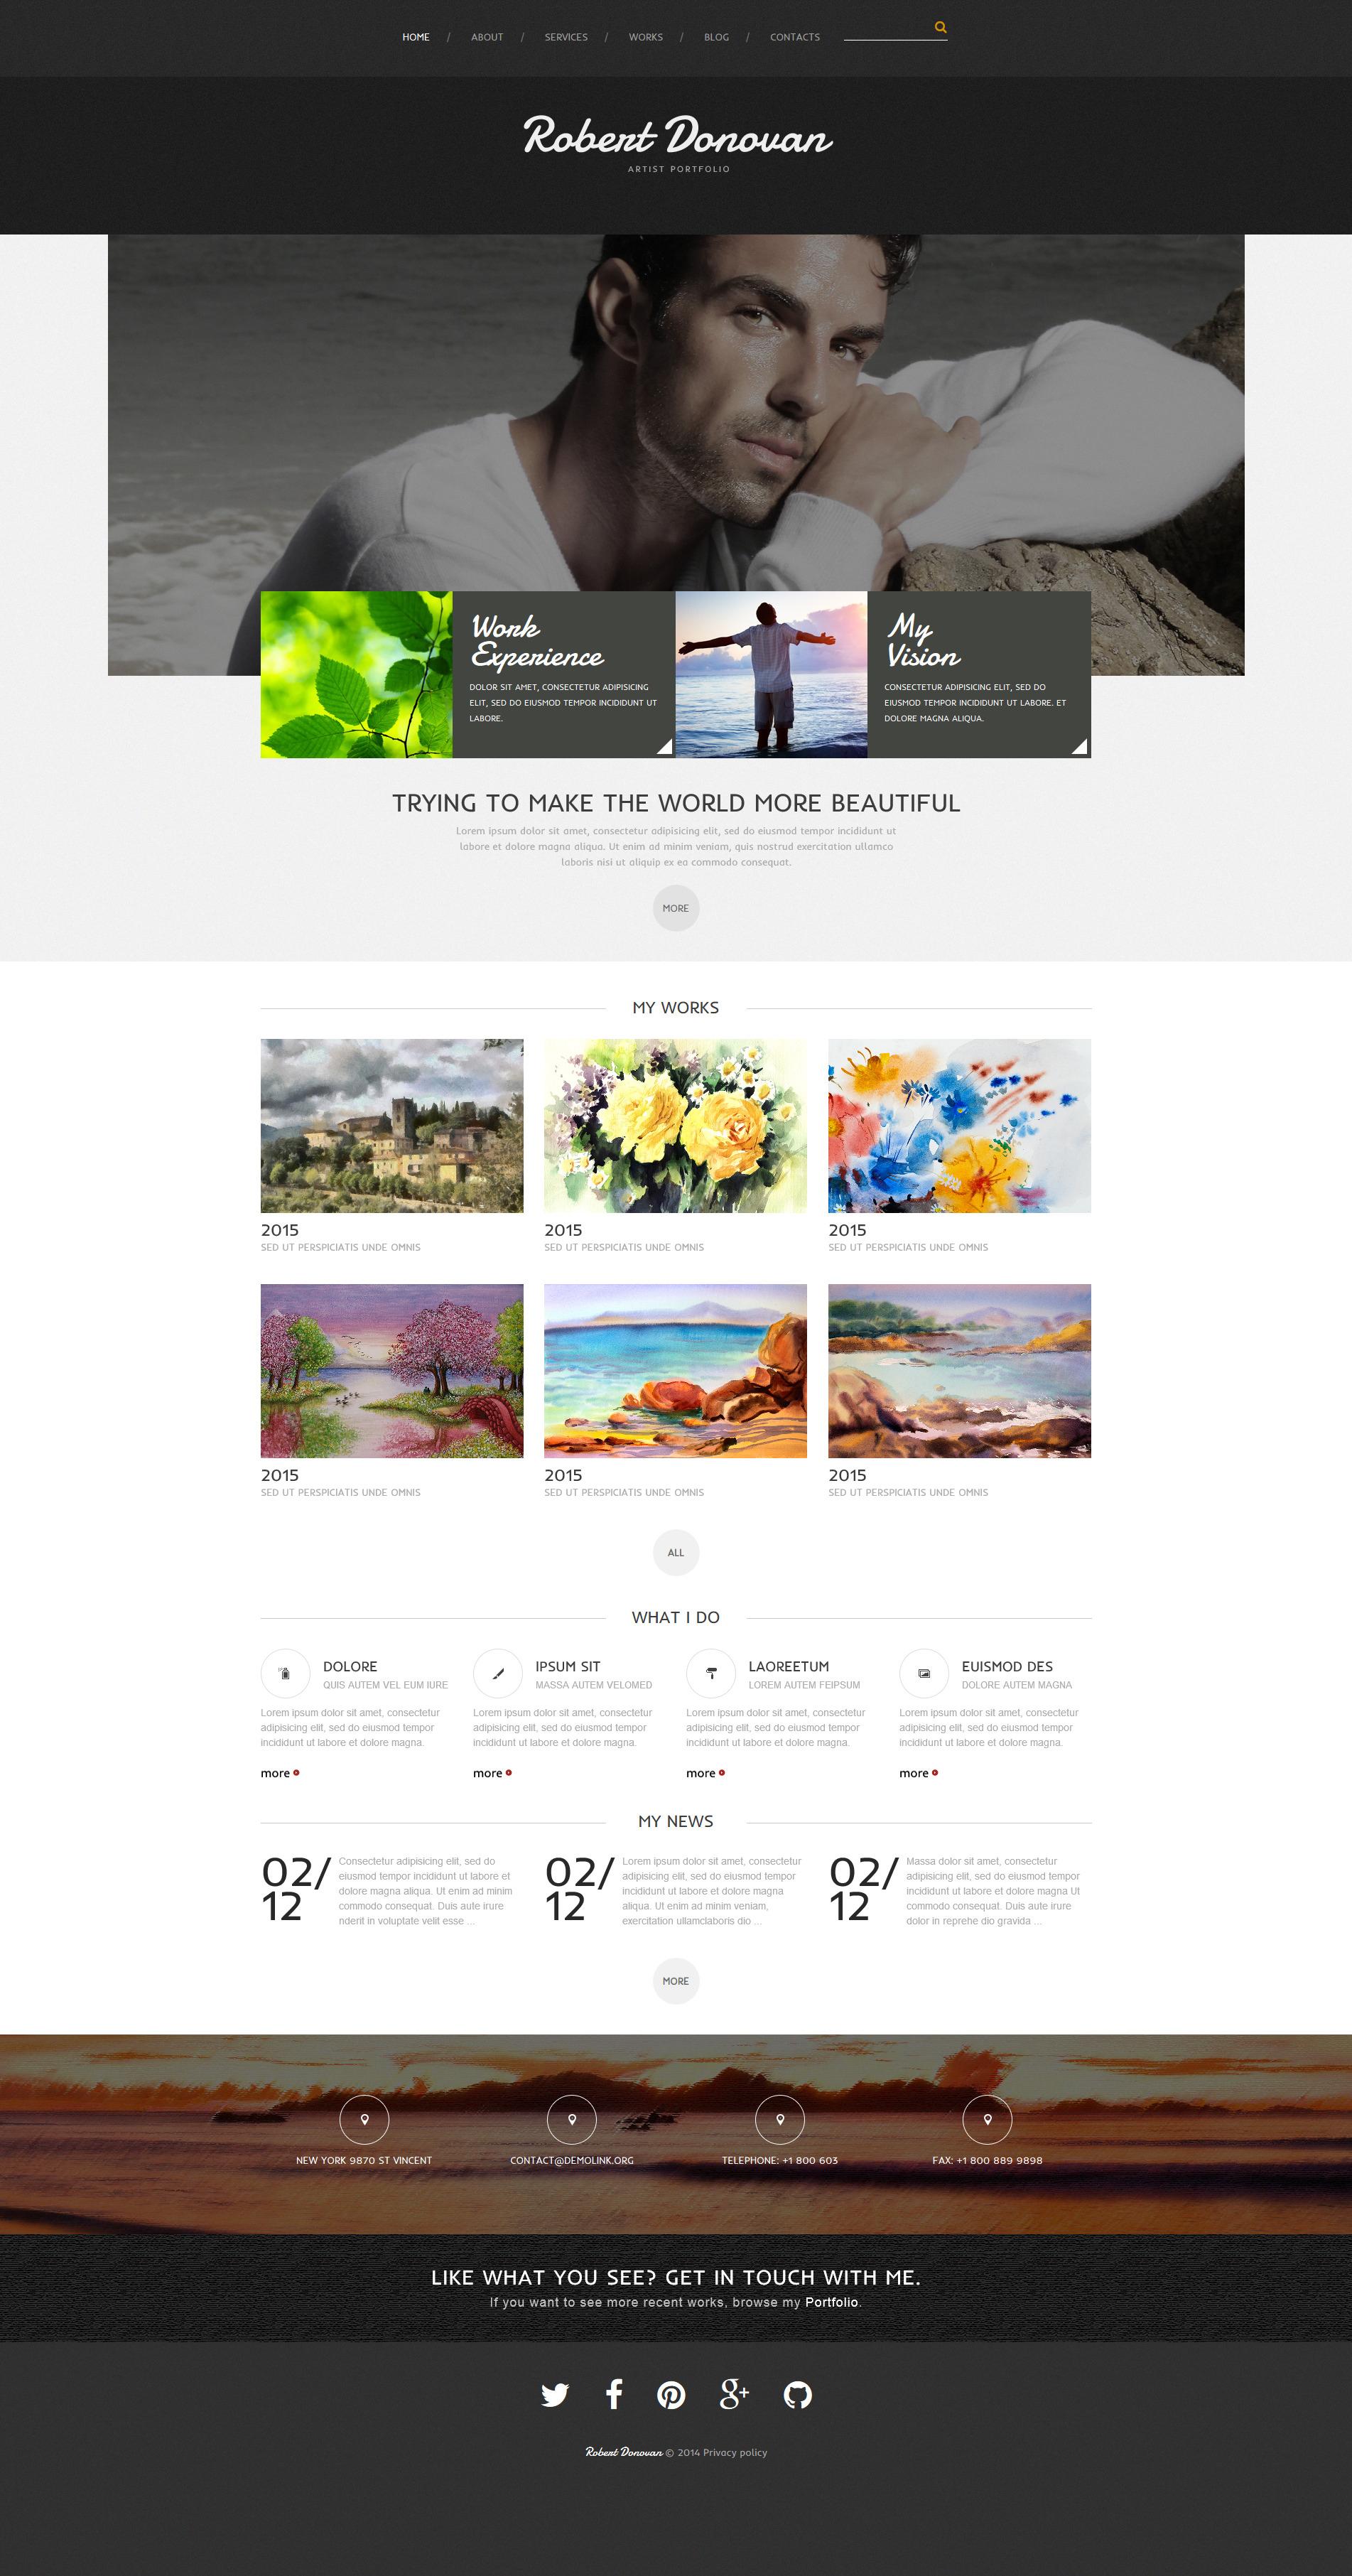 Schön Vorlage Persönliche Website Fotos - Entry Level Resume ...